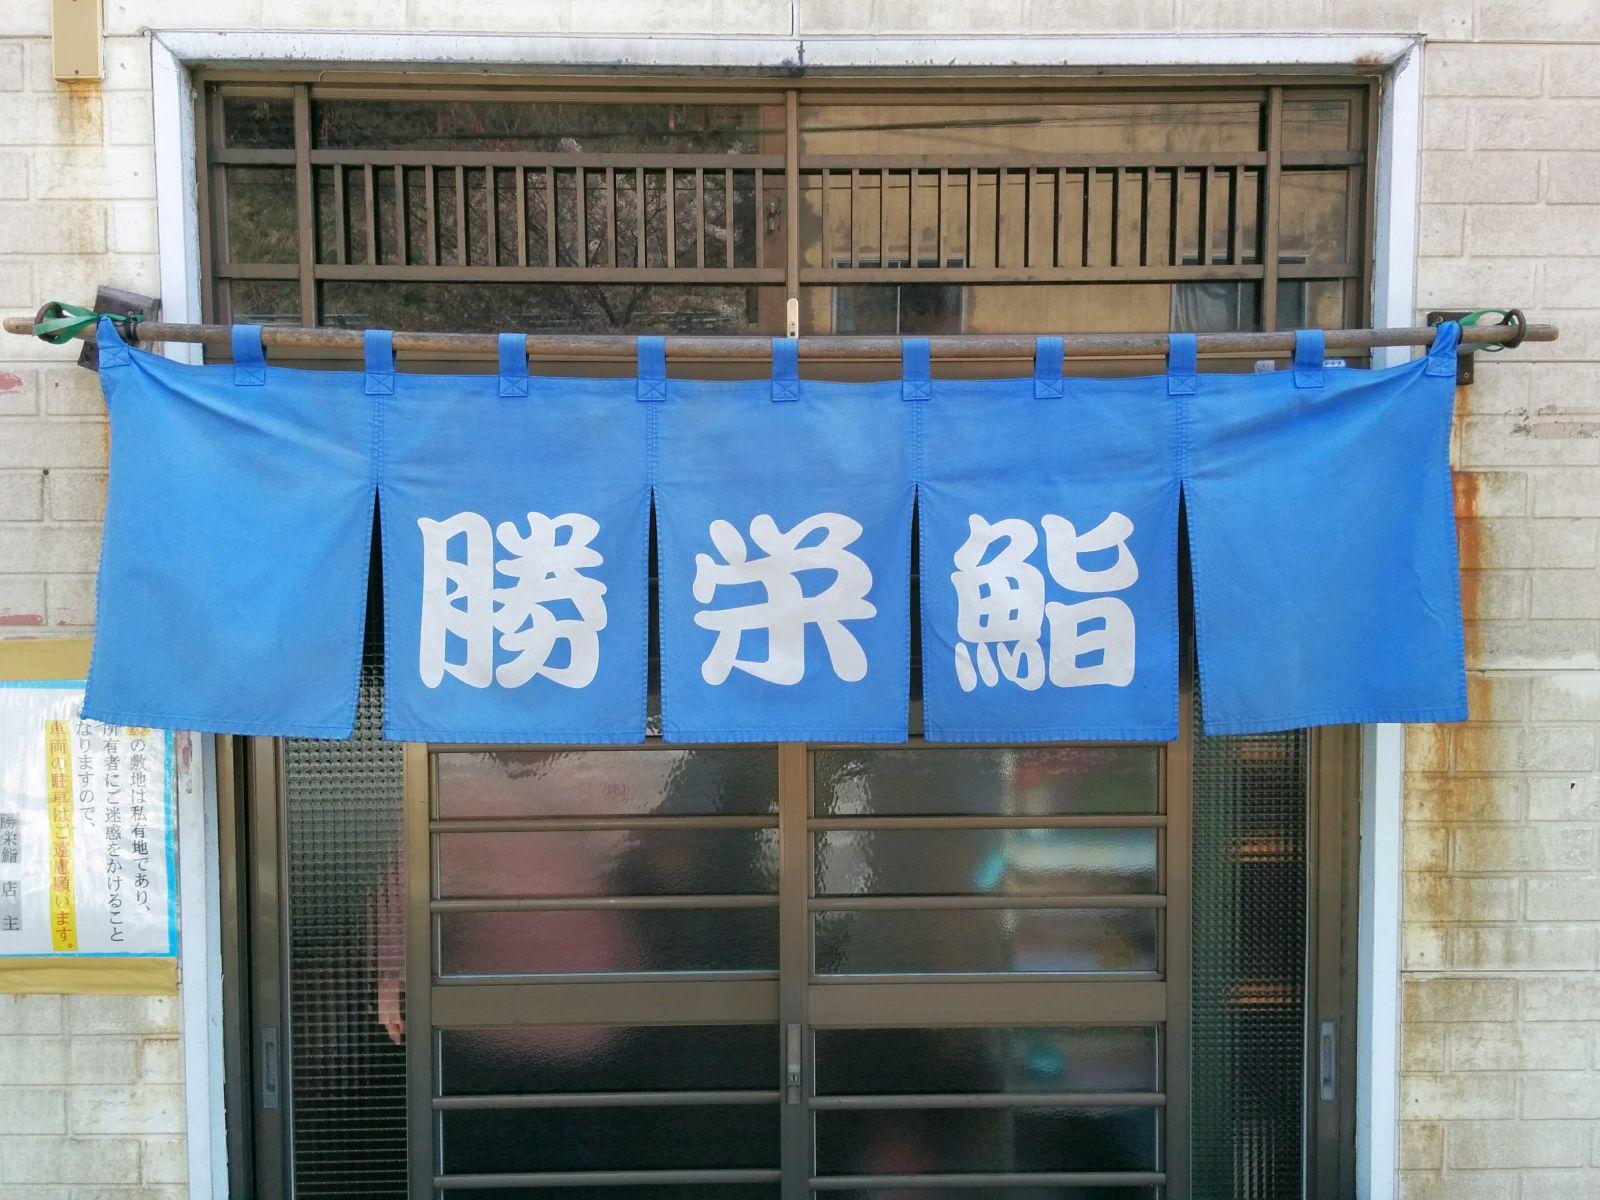 【積丹半島神恵内村】勝栄鮨グルメ案内と神恵内村観光案内です。